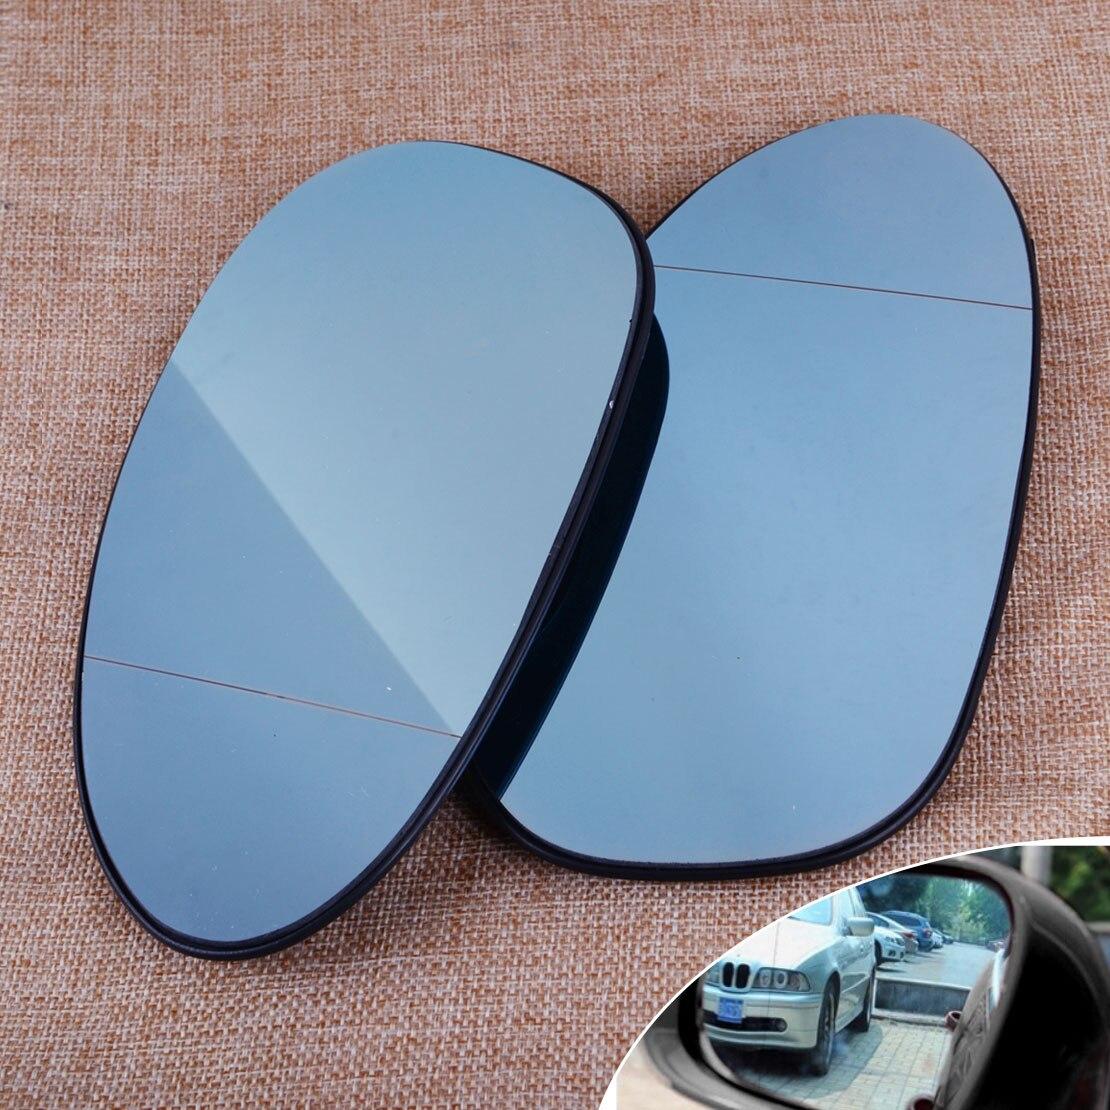 CITALL Bleu Gauche et Droite Chauffée Aile Porte Miroir Fit pour BMW E82 E85 E86 Z4 Roadster Coupé E88 E90 E91 E92 E93 1 3 Série 2008